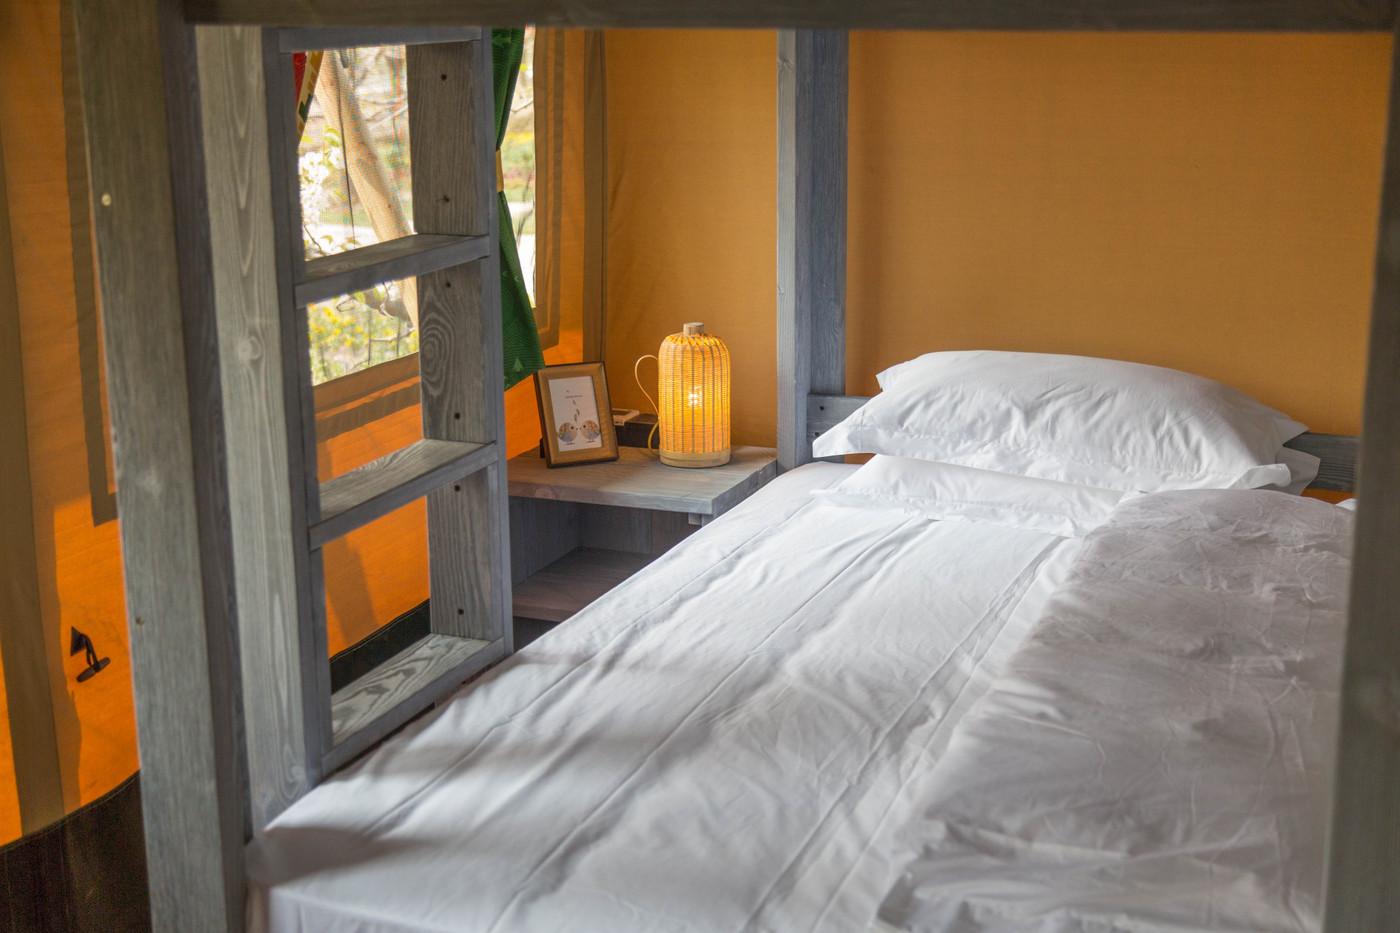 喜马拉雅野奢帐篷酒店—安徽砀山东篱蓬芦梨园帐篷酒店24